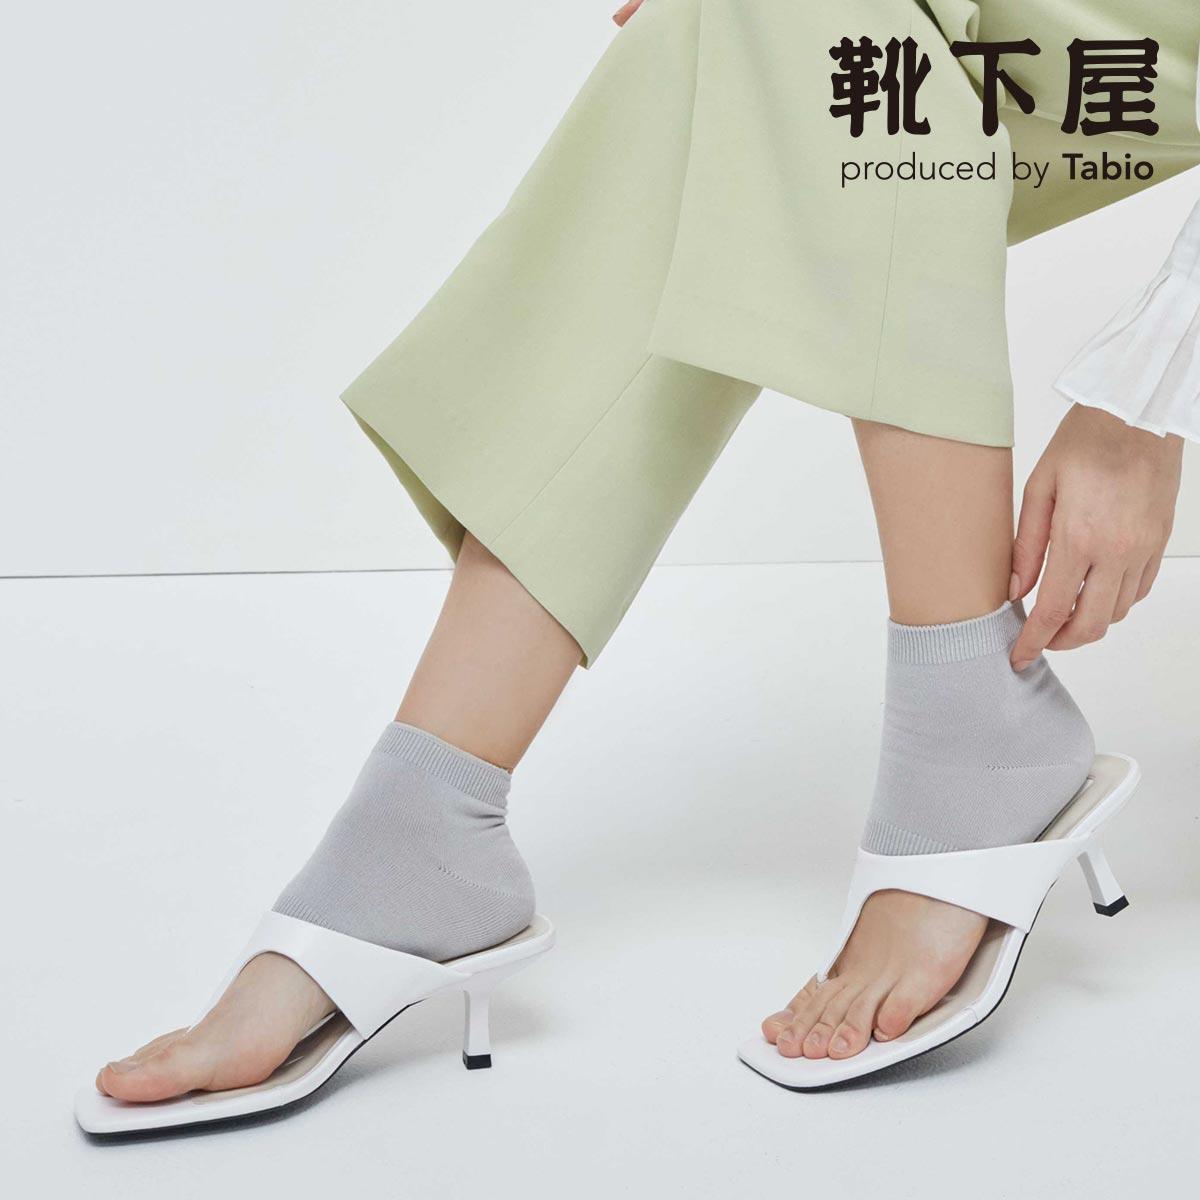 Tabio トゥレスかかとロングカバー 靴下屋 靴下 安売り タビオ くつ下 レディース かかと 冷えとり かかとケア あす楽 かかとカバー 日本製 サンダル用 冷え対策 かかとソックス お気に入